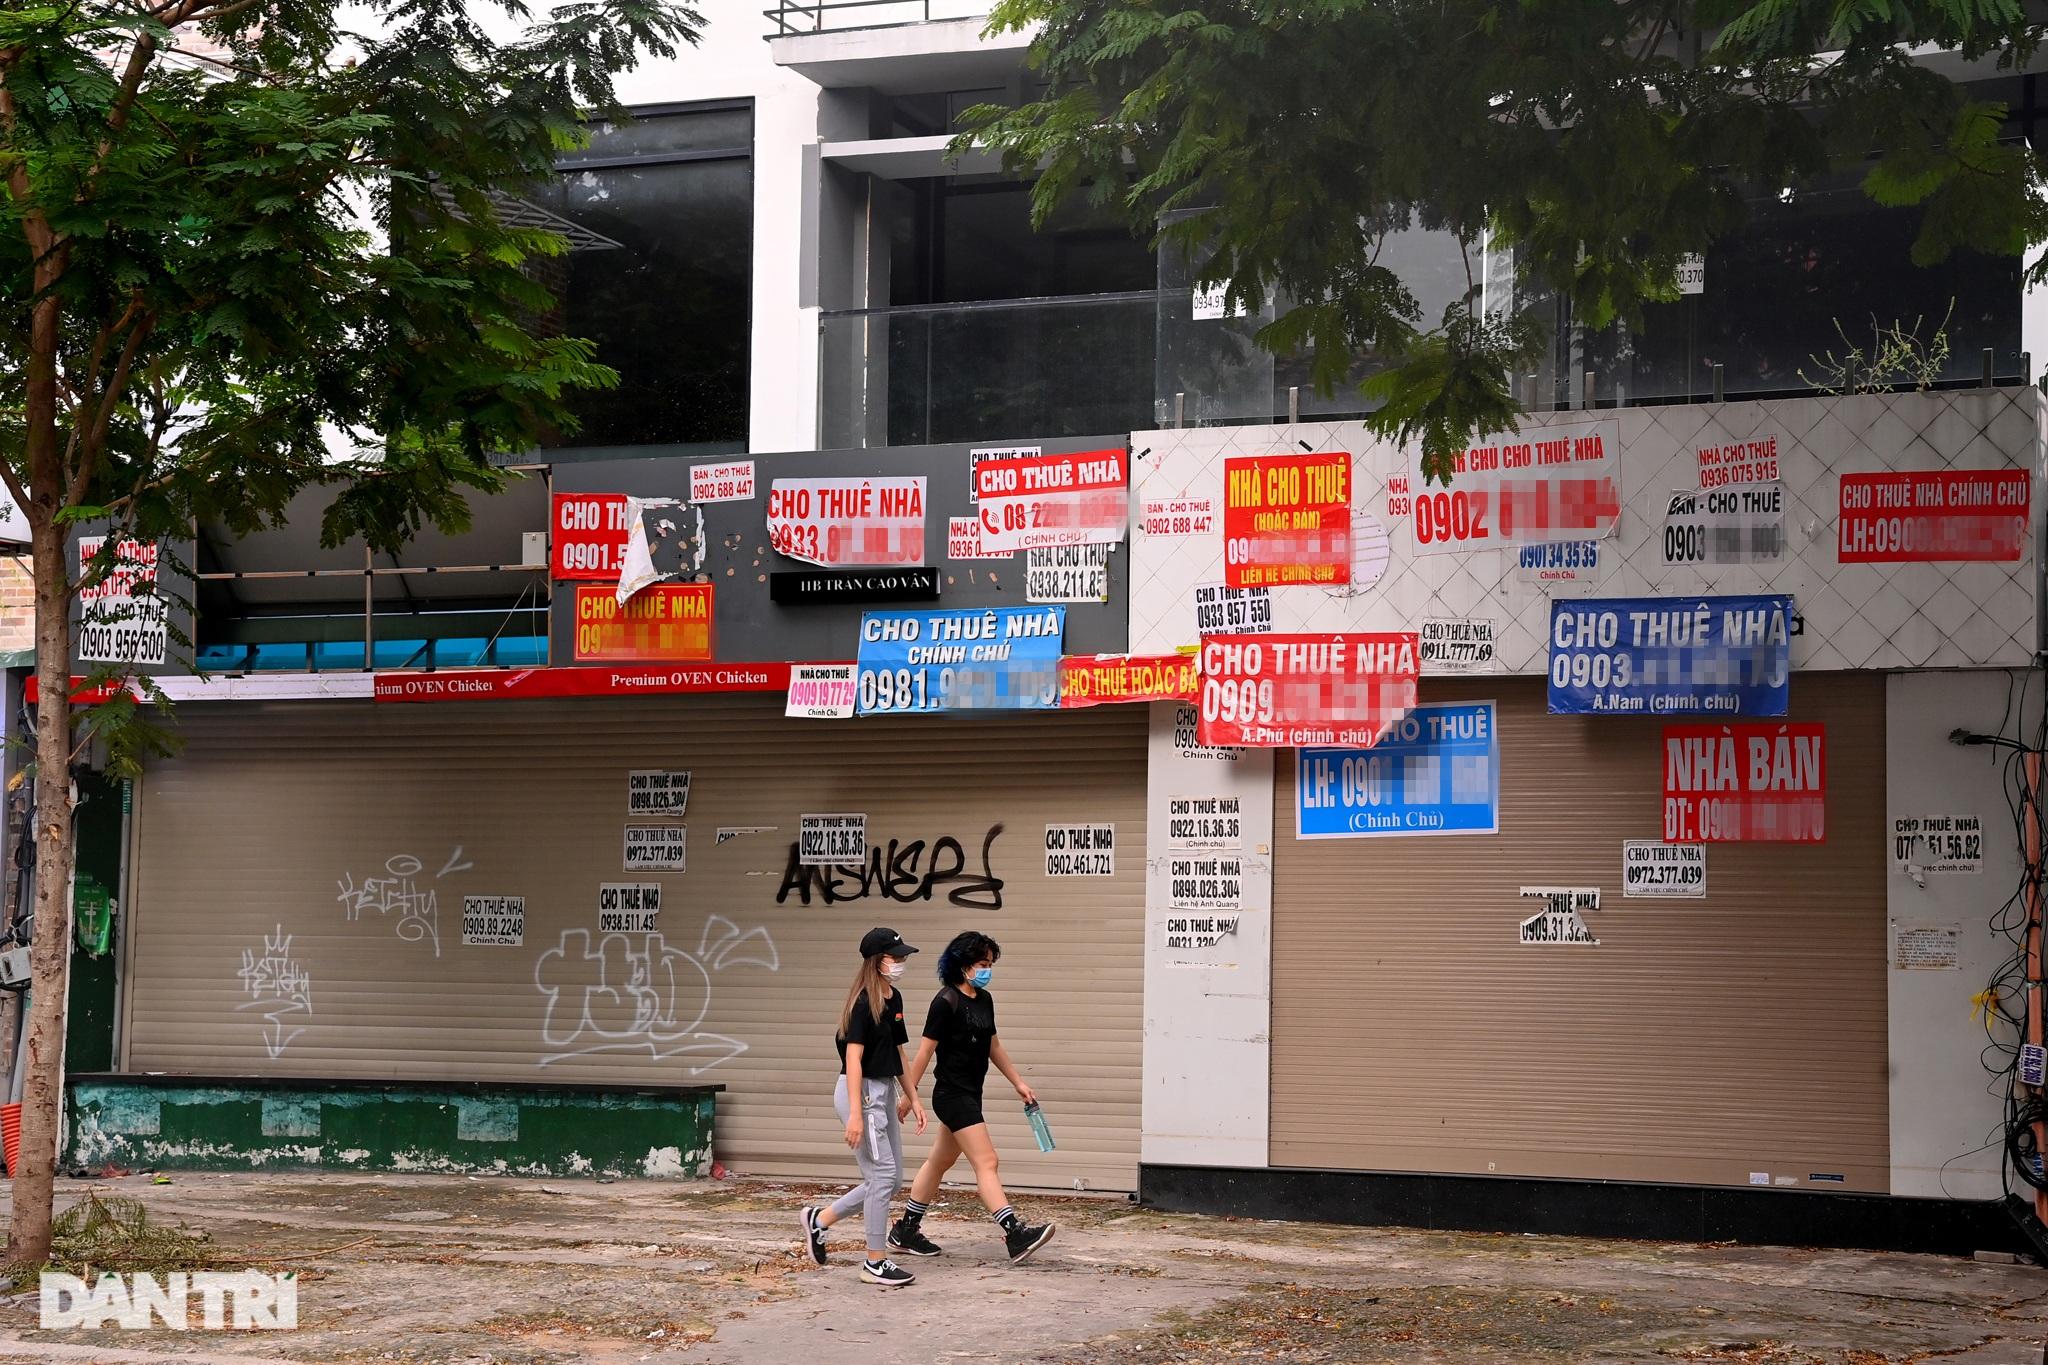 Tràn ngập biển cho thuê, bán nhà trên các tuyến phố trung tâm Sài Gòn - 15